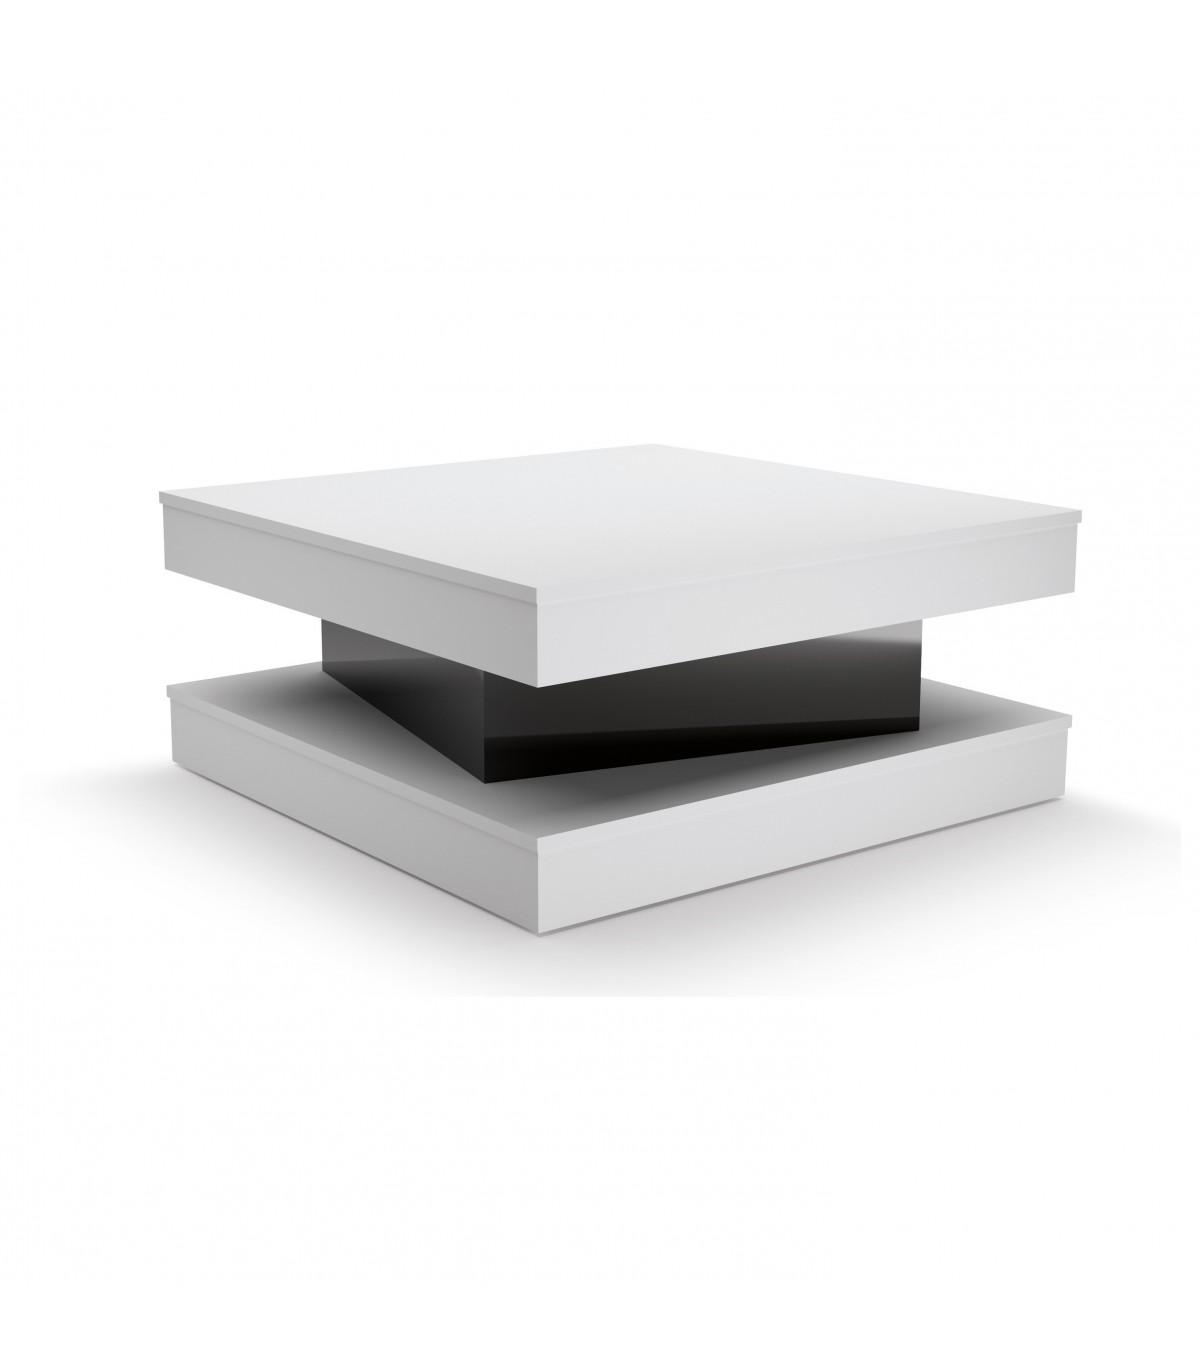 Table basse avec tiroir coulissant - Blanc et noir